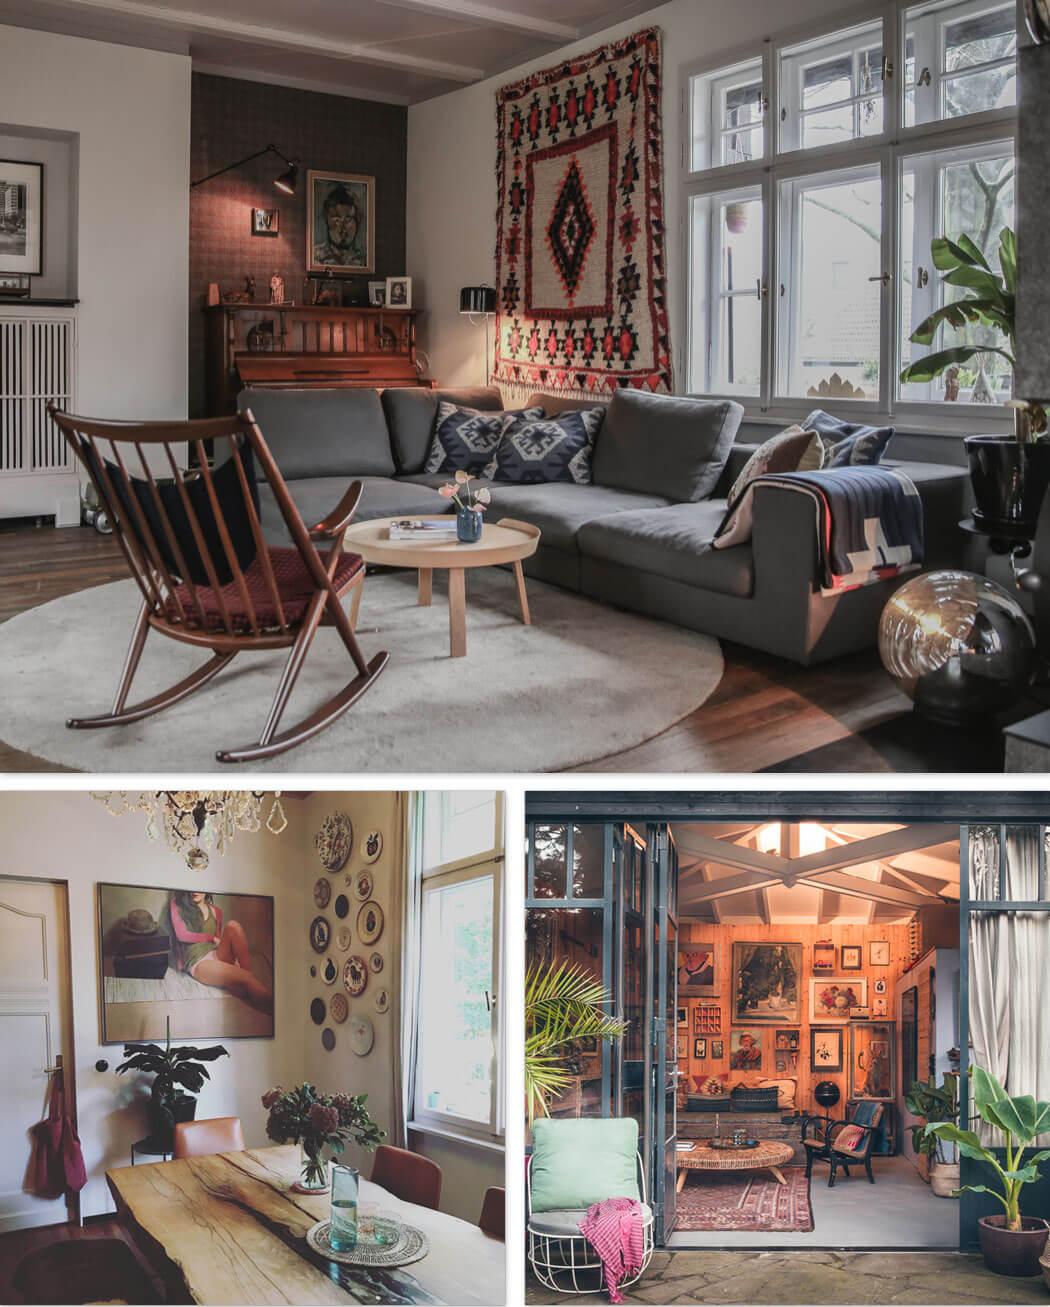 eigenen wohnstil finden 9 einfache wege. Black Bedroom Furniture Sets. Home Design Ideas